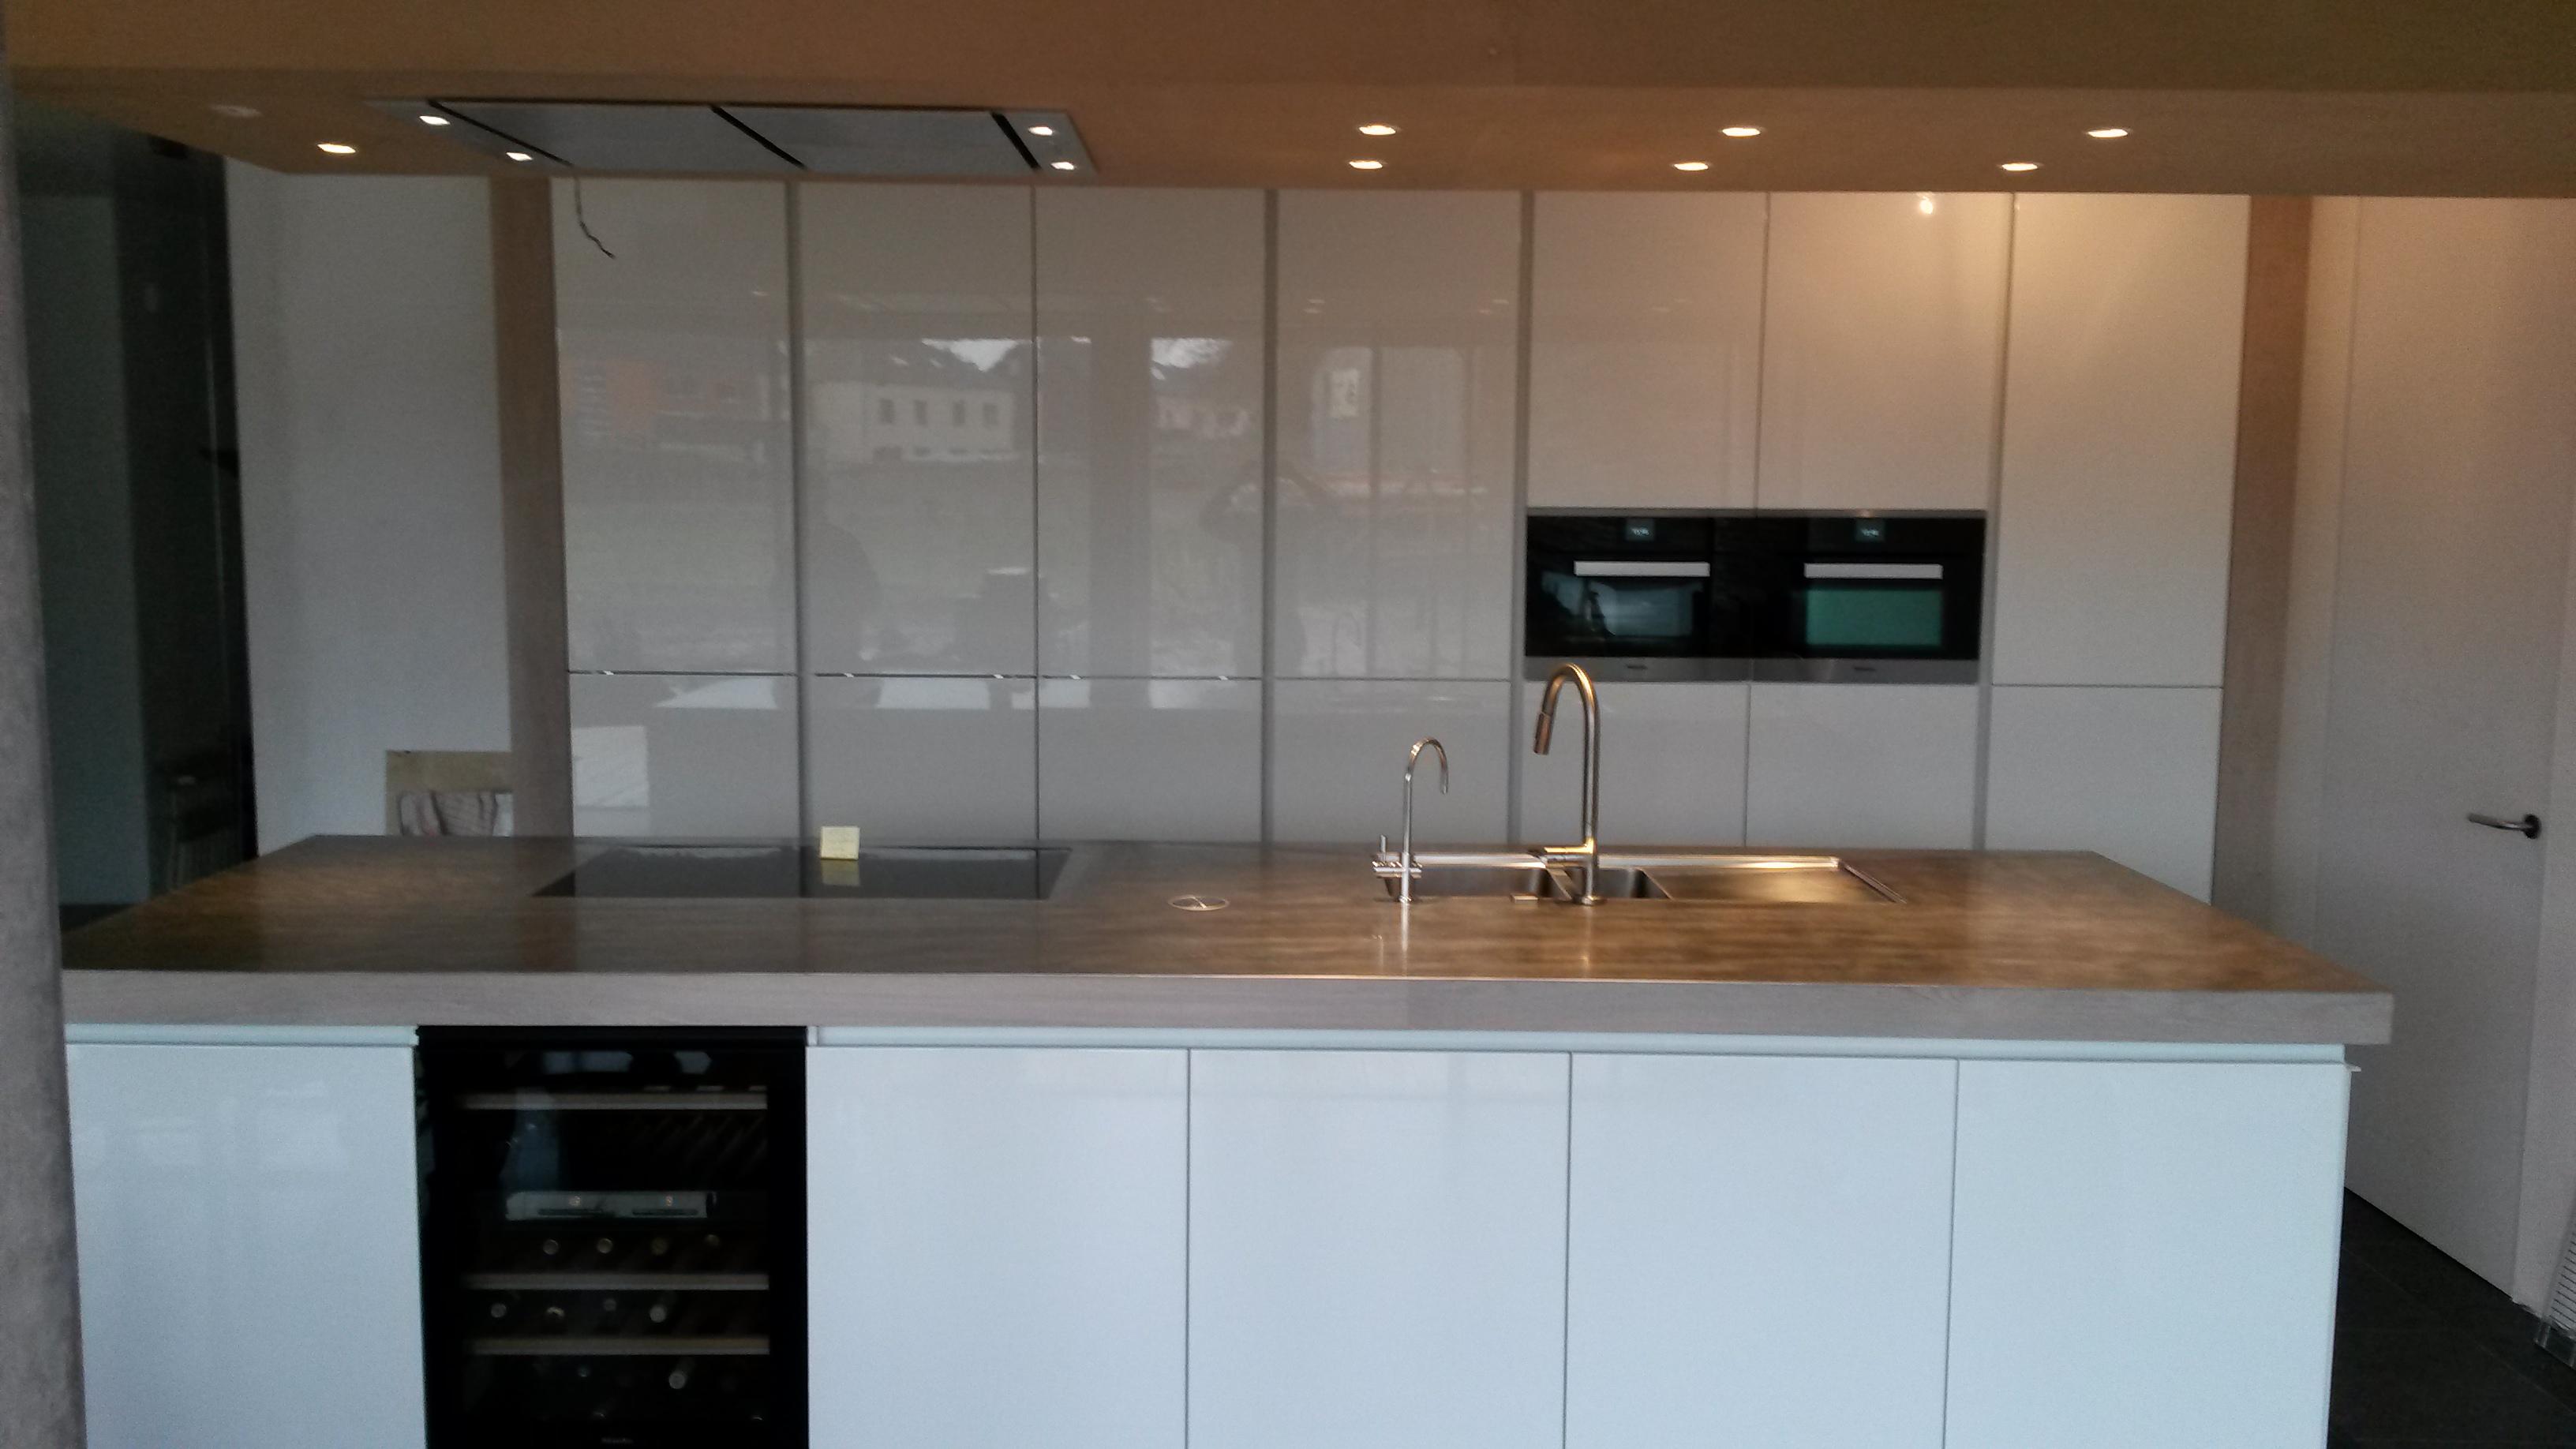 keuken in hoogglans wit – Taes Keukens & Interieur